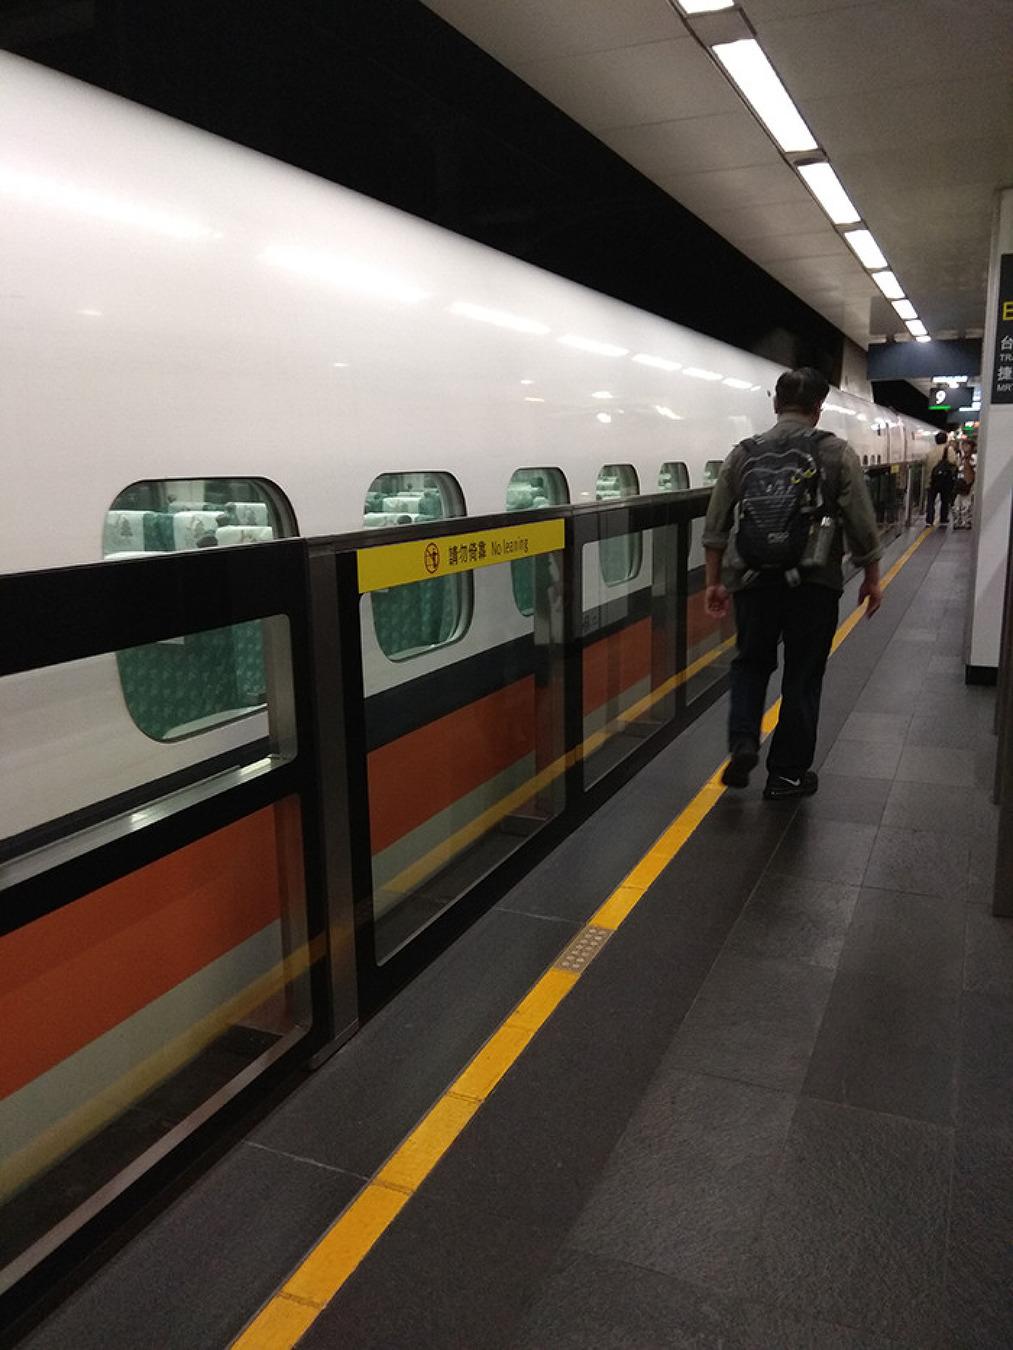 대만 고속열차 3일패스 이용후기 및 지하철 등 이용후기